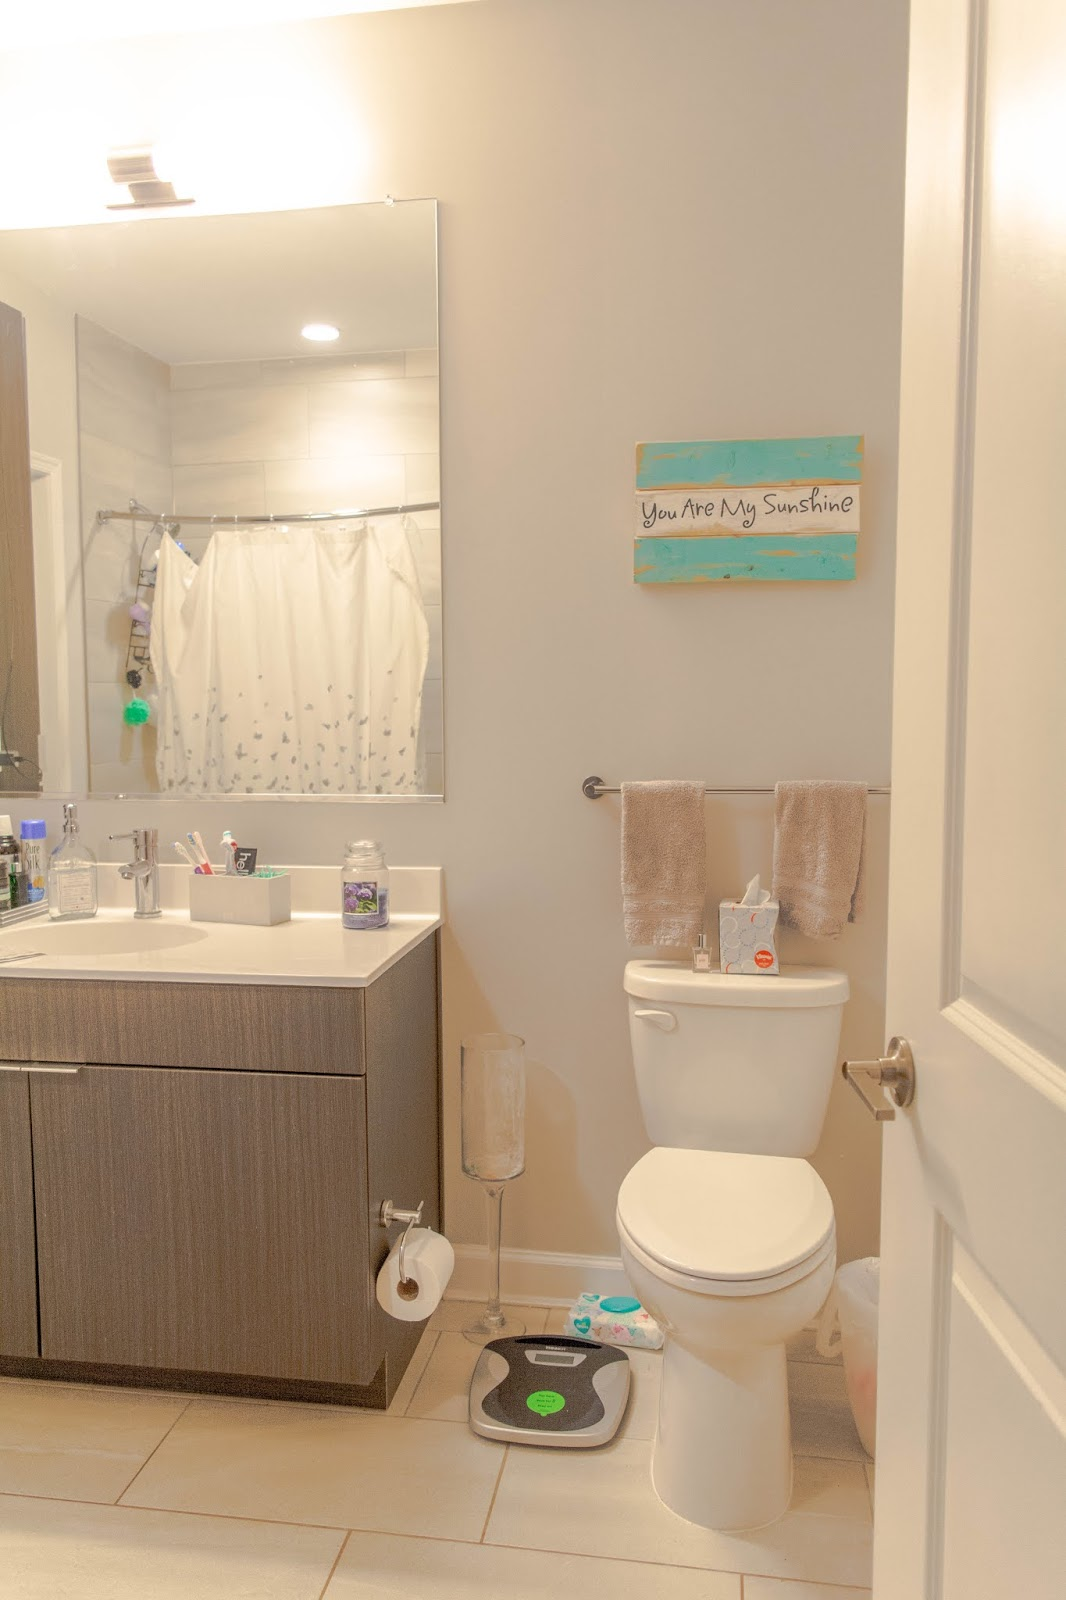 Falls Church Apartment Tour: Bedroom, Bathroom & Closet